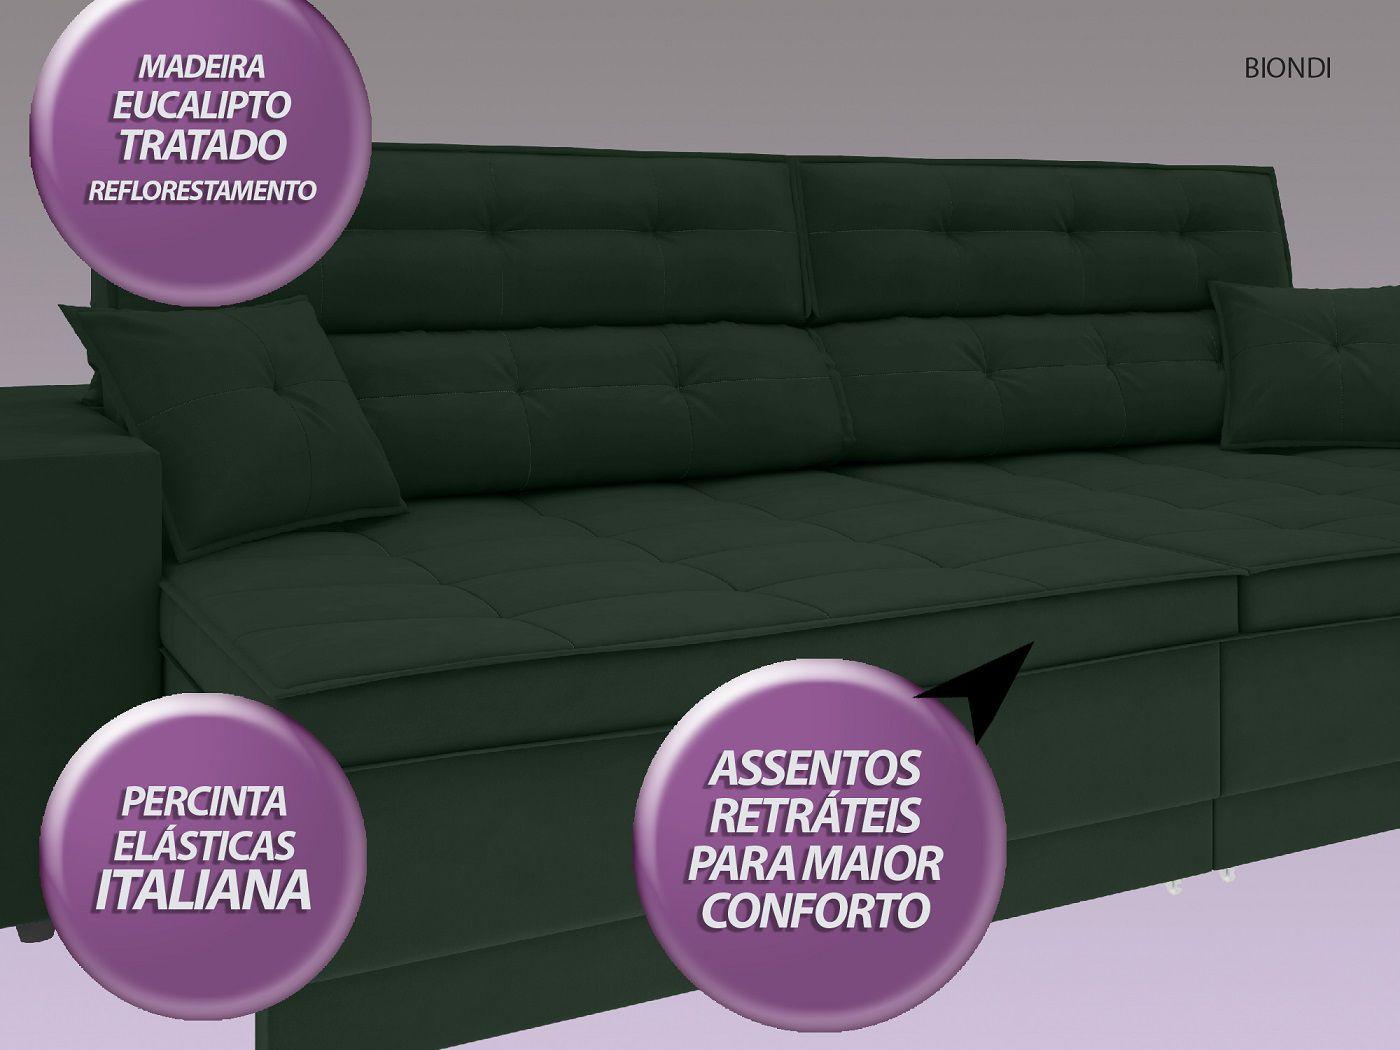 Sofá New Biondi 2,70m Retrátil e Reclinável Velosuede Verde  - NETSOFAS